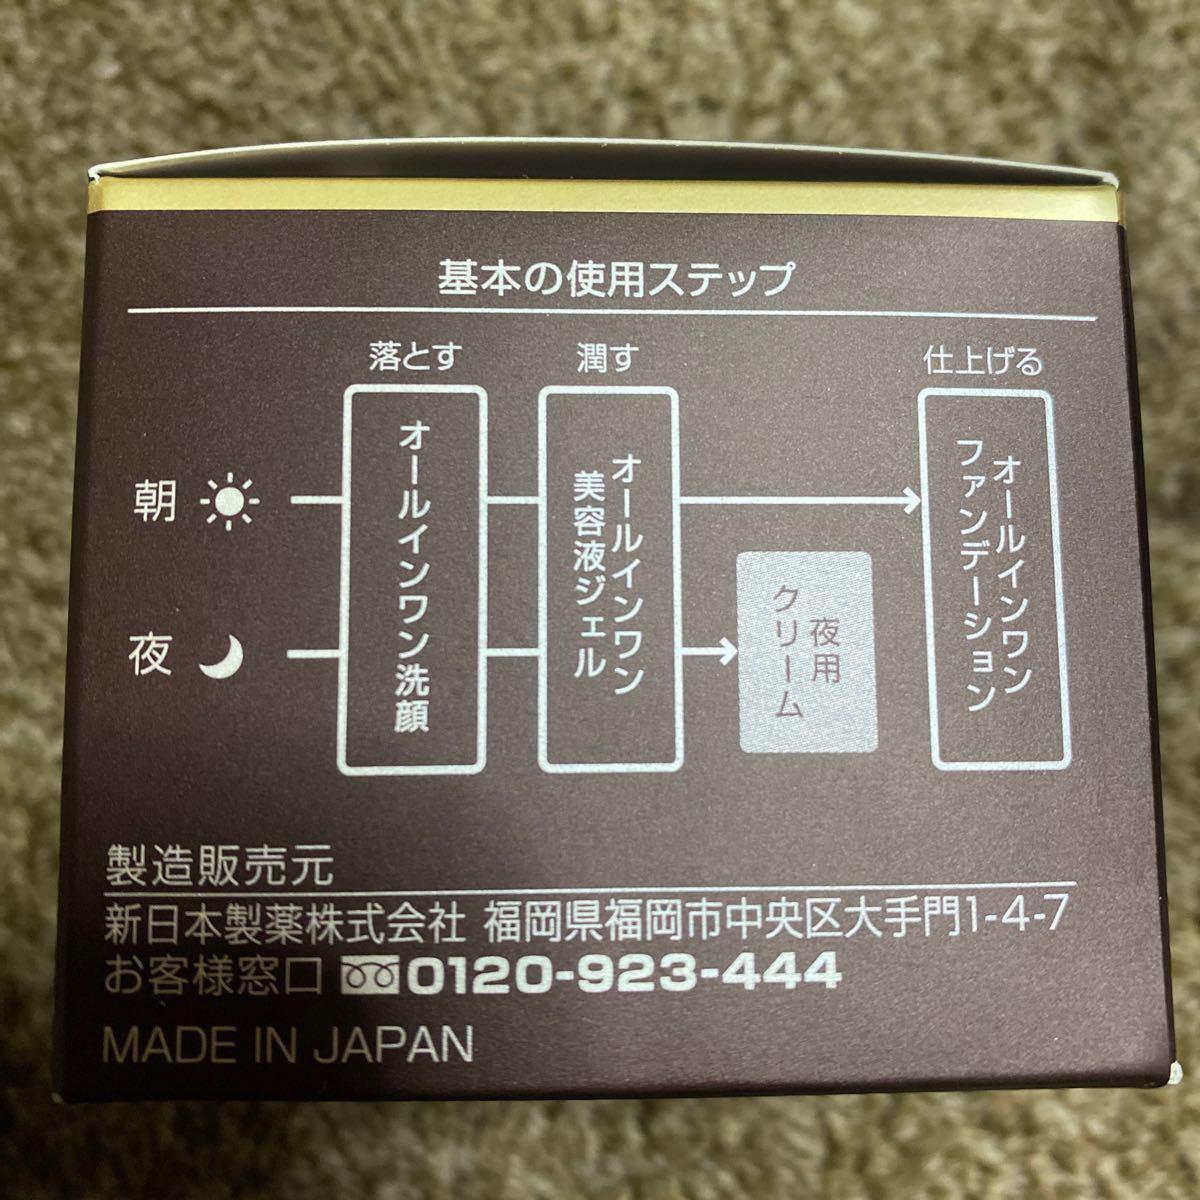 パーフェクトワン SPナイトクリーム〔夜用クリーム〕30g 新日本製薬